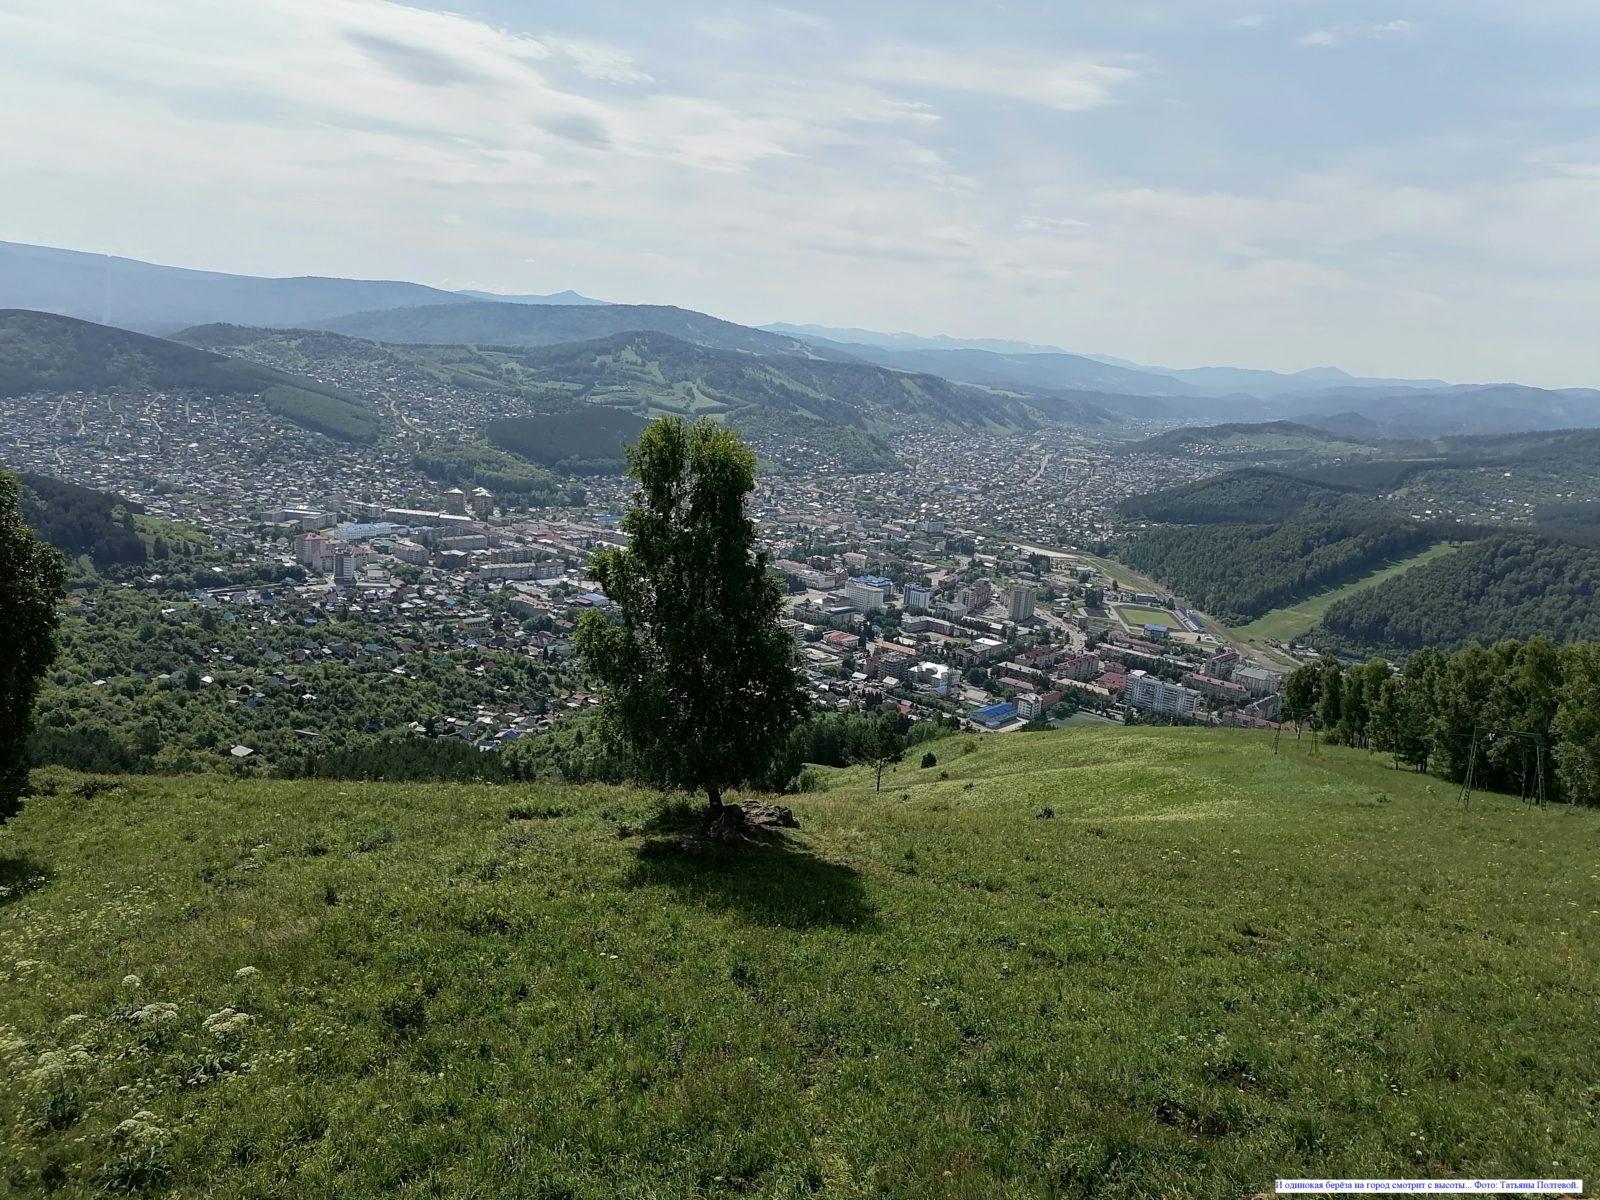 И одинокая берёза на город смотрит с высоты.